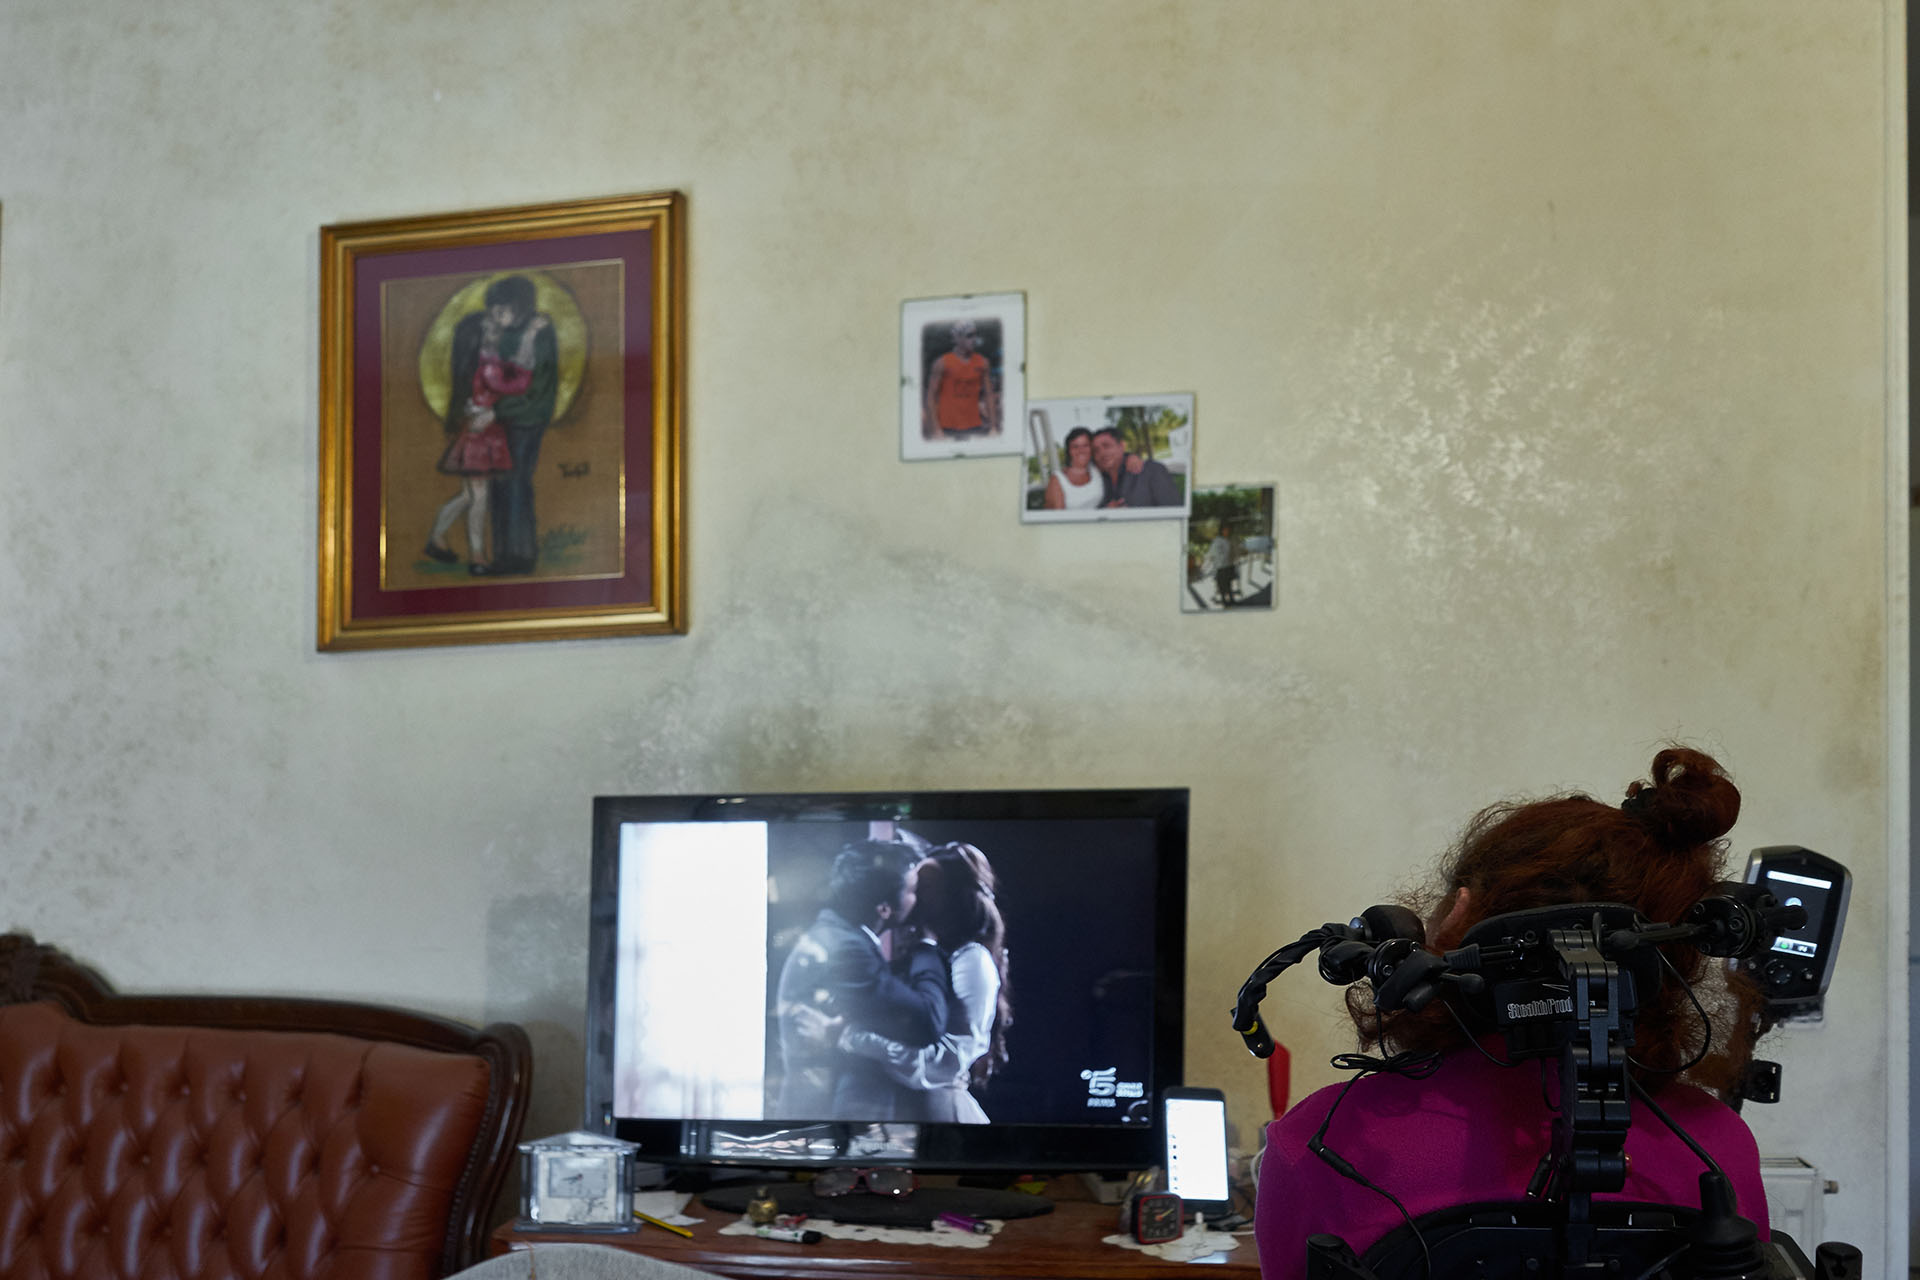 Letizia-Story-of-unseen-lives_ph_Danilo Garcia Di Meo_27